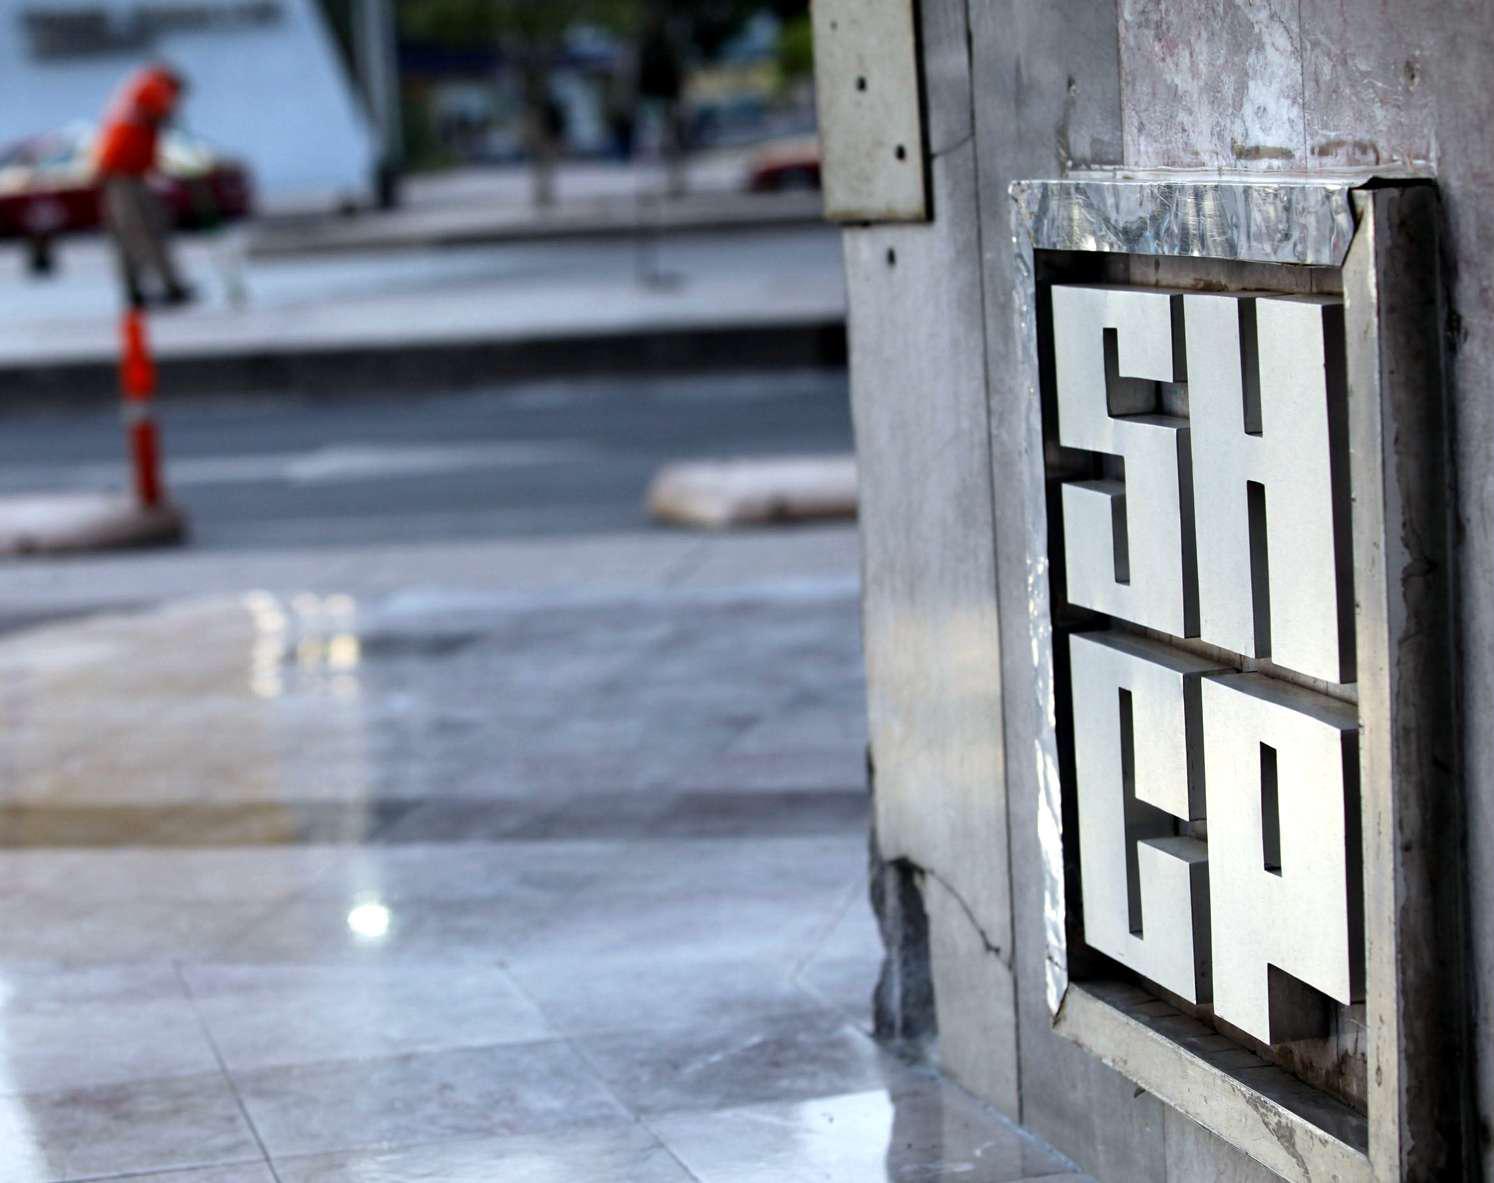 shcp_15_0